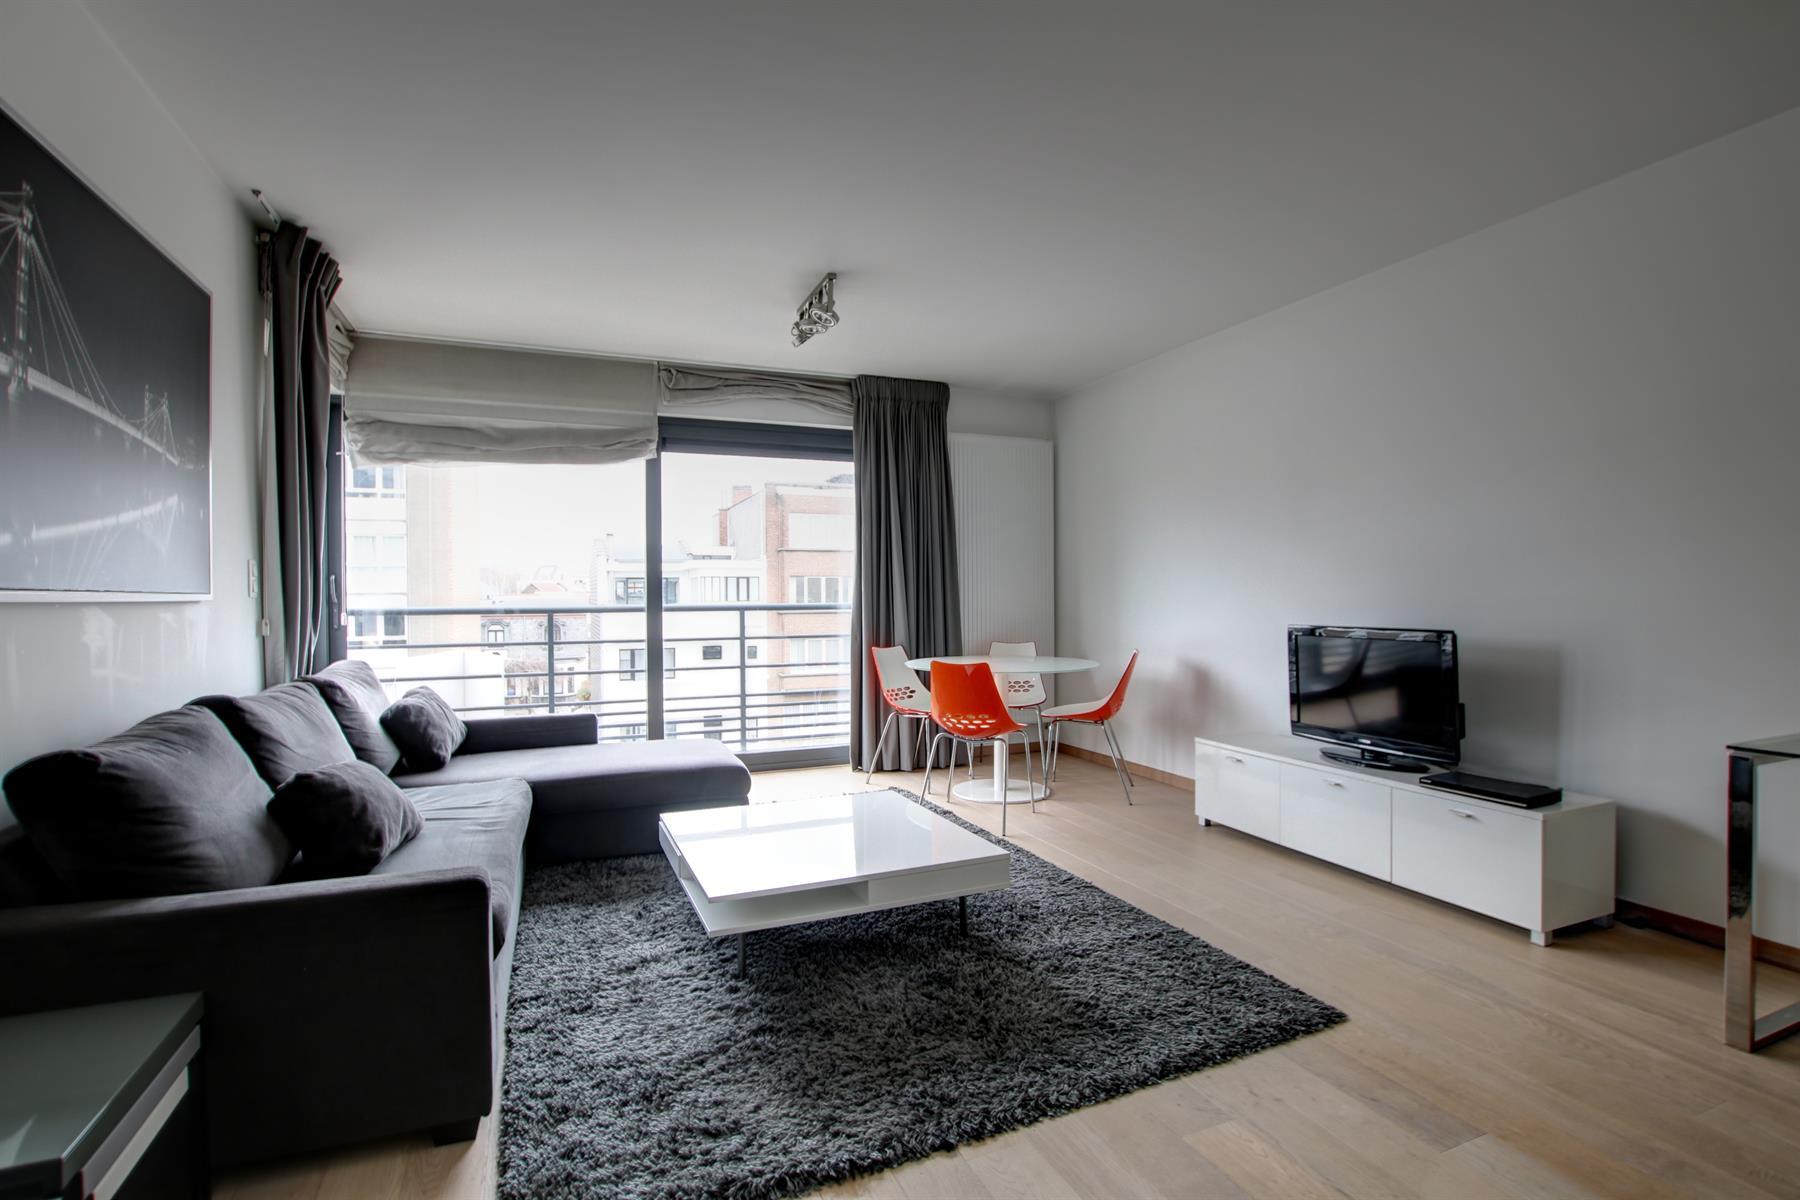 Flat - Ixelles - #4251196-2